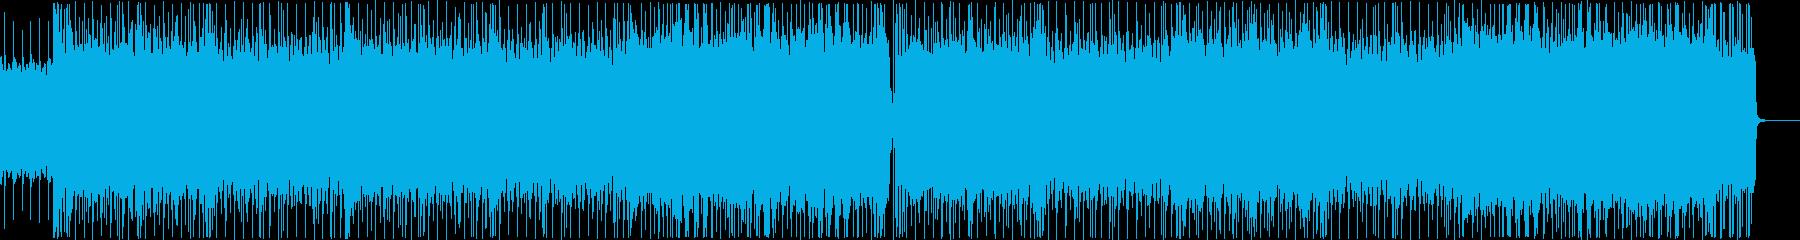 爆走ロック・メタル系BGM No.2の再生済みの波形